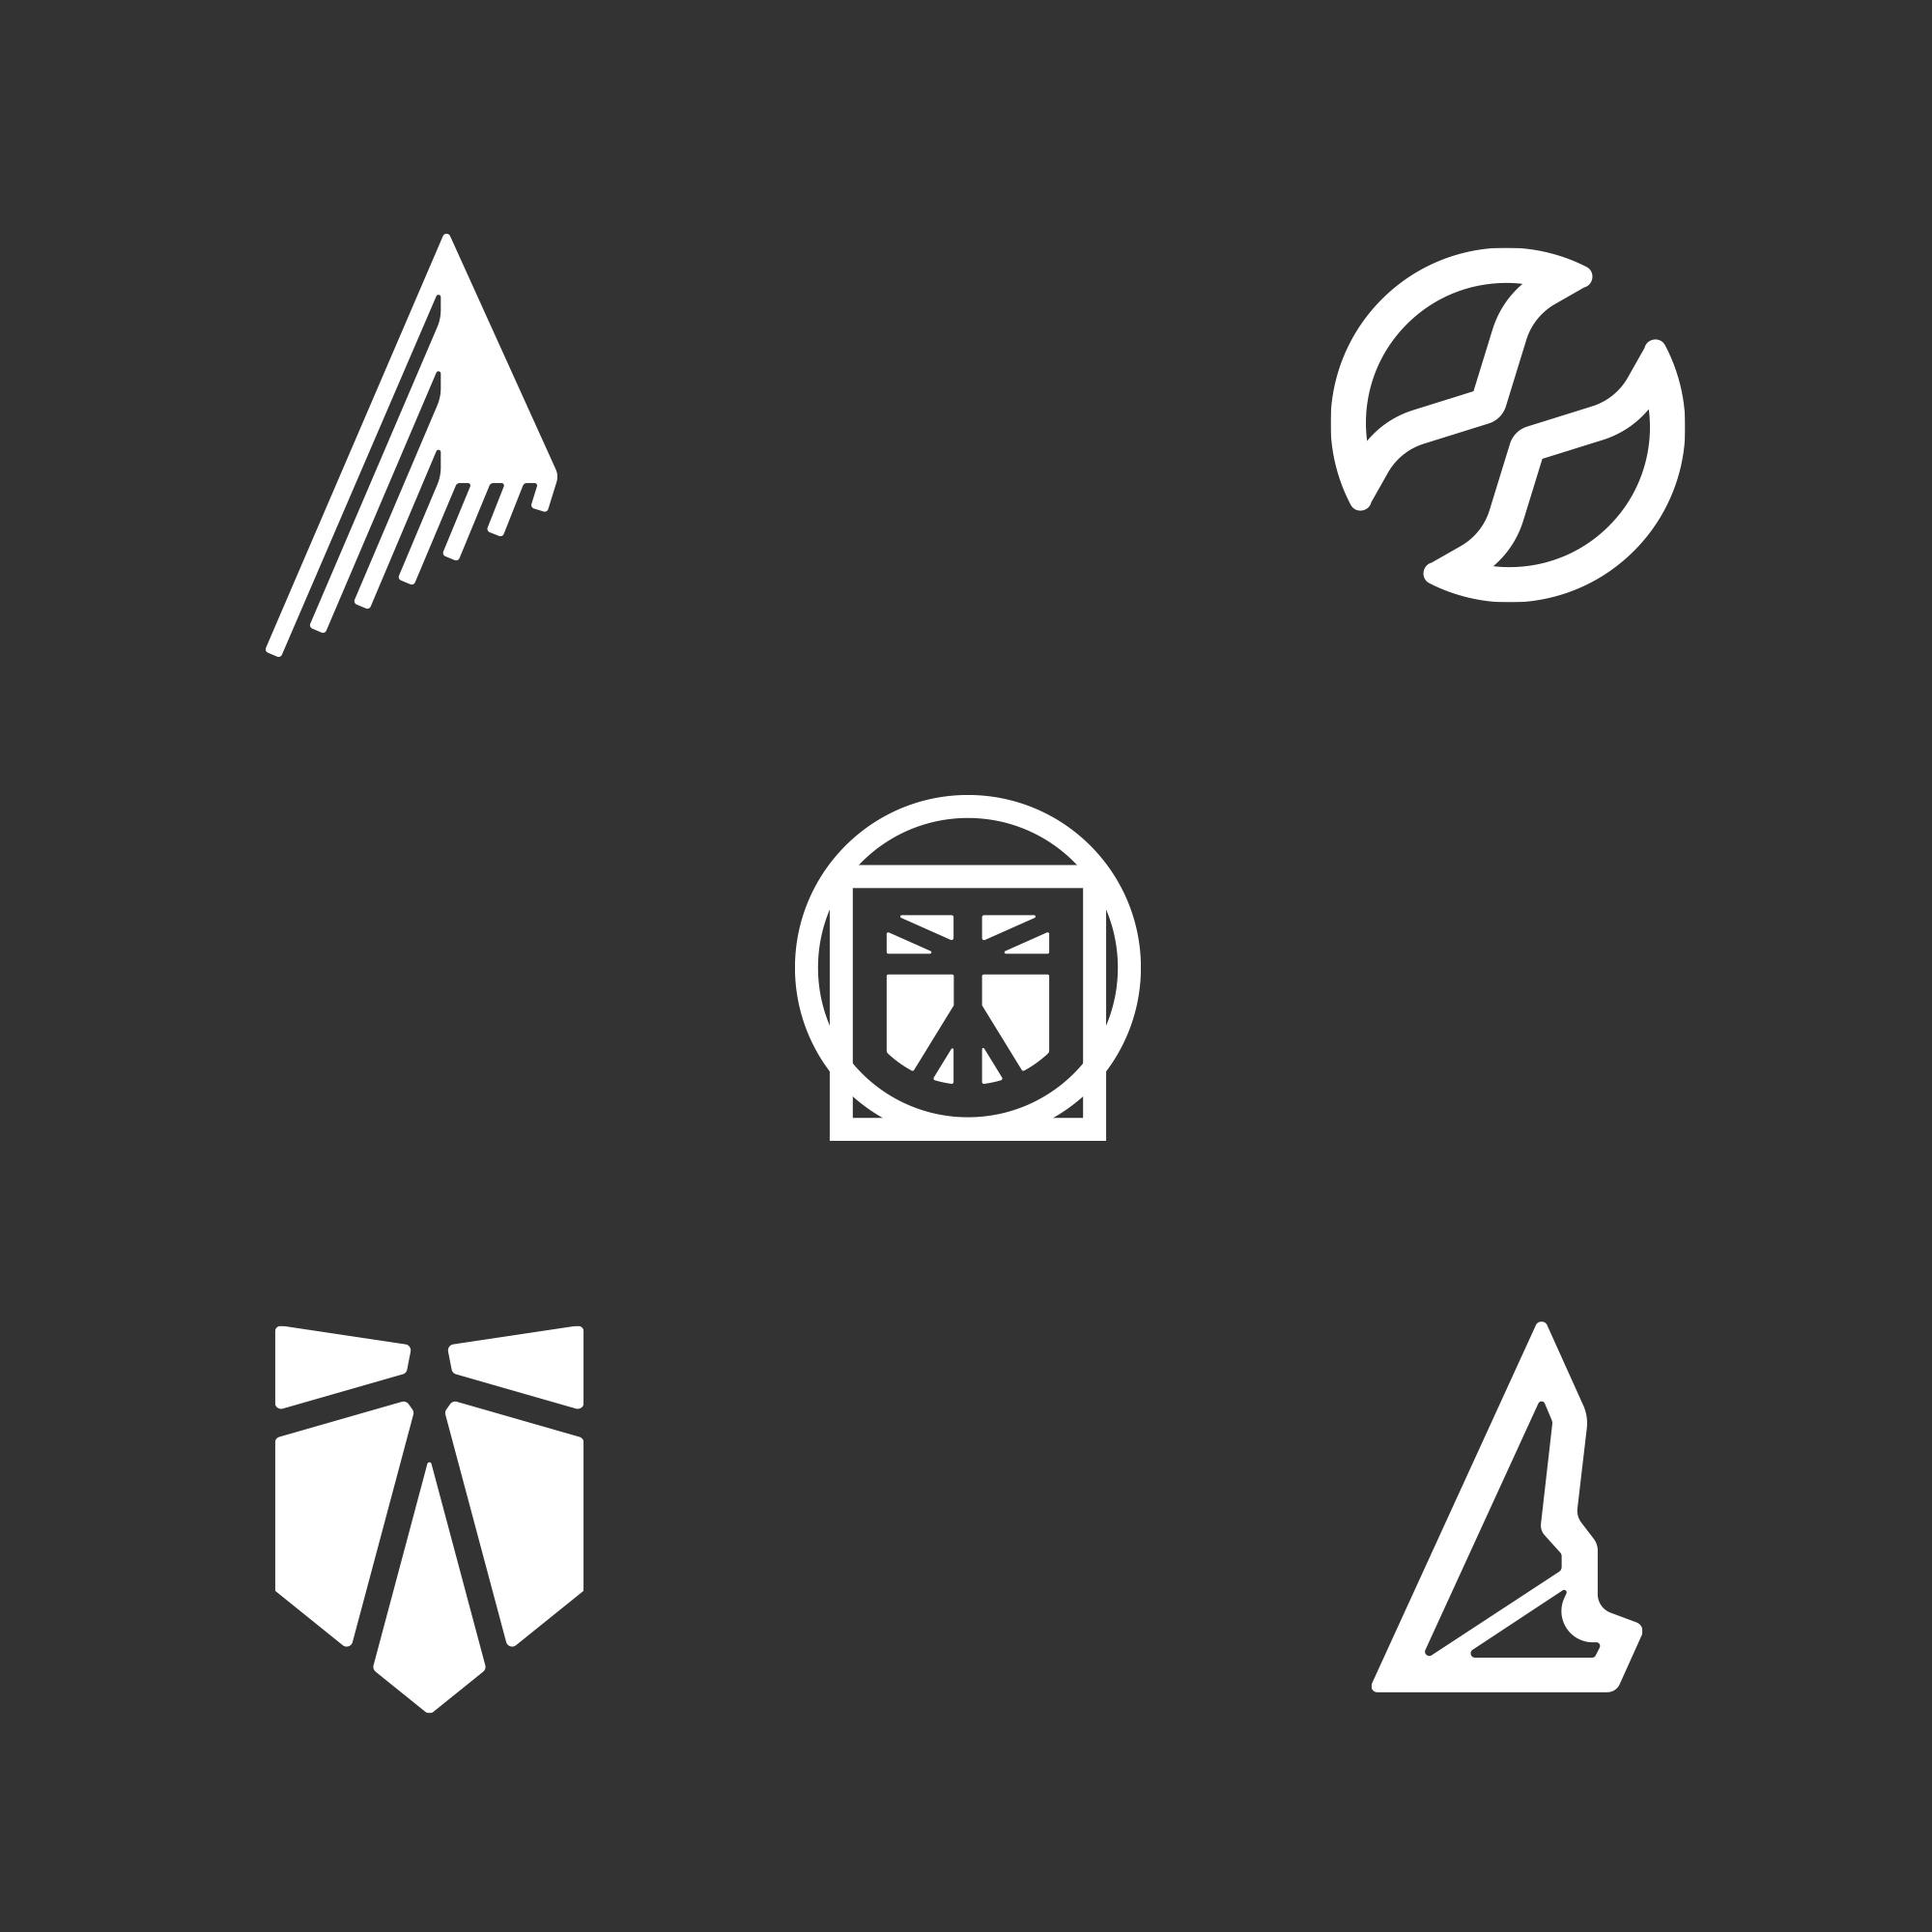 ajr-logos-006-traindaily